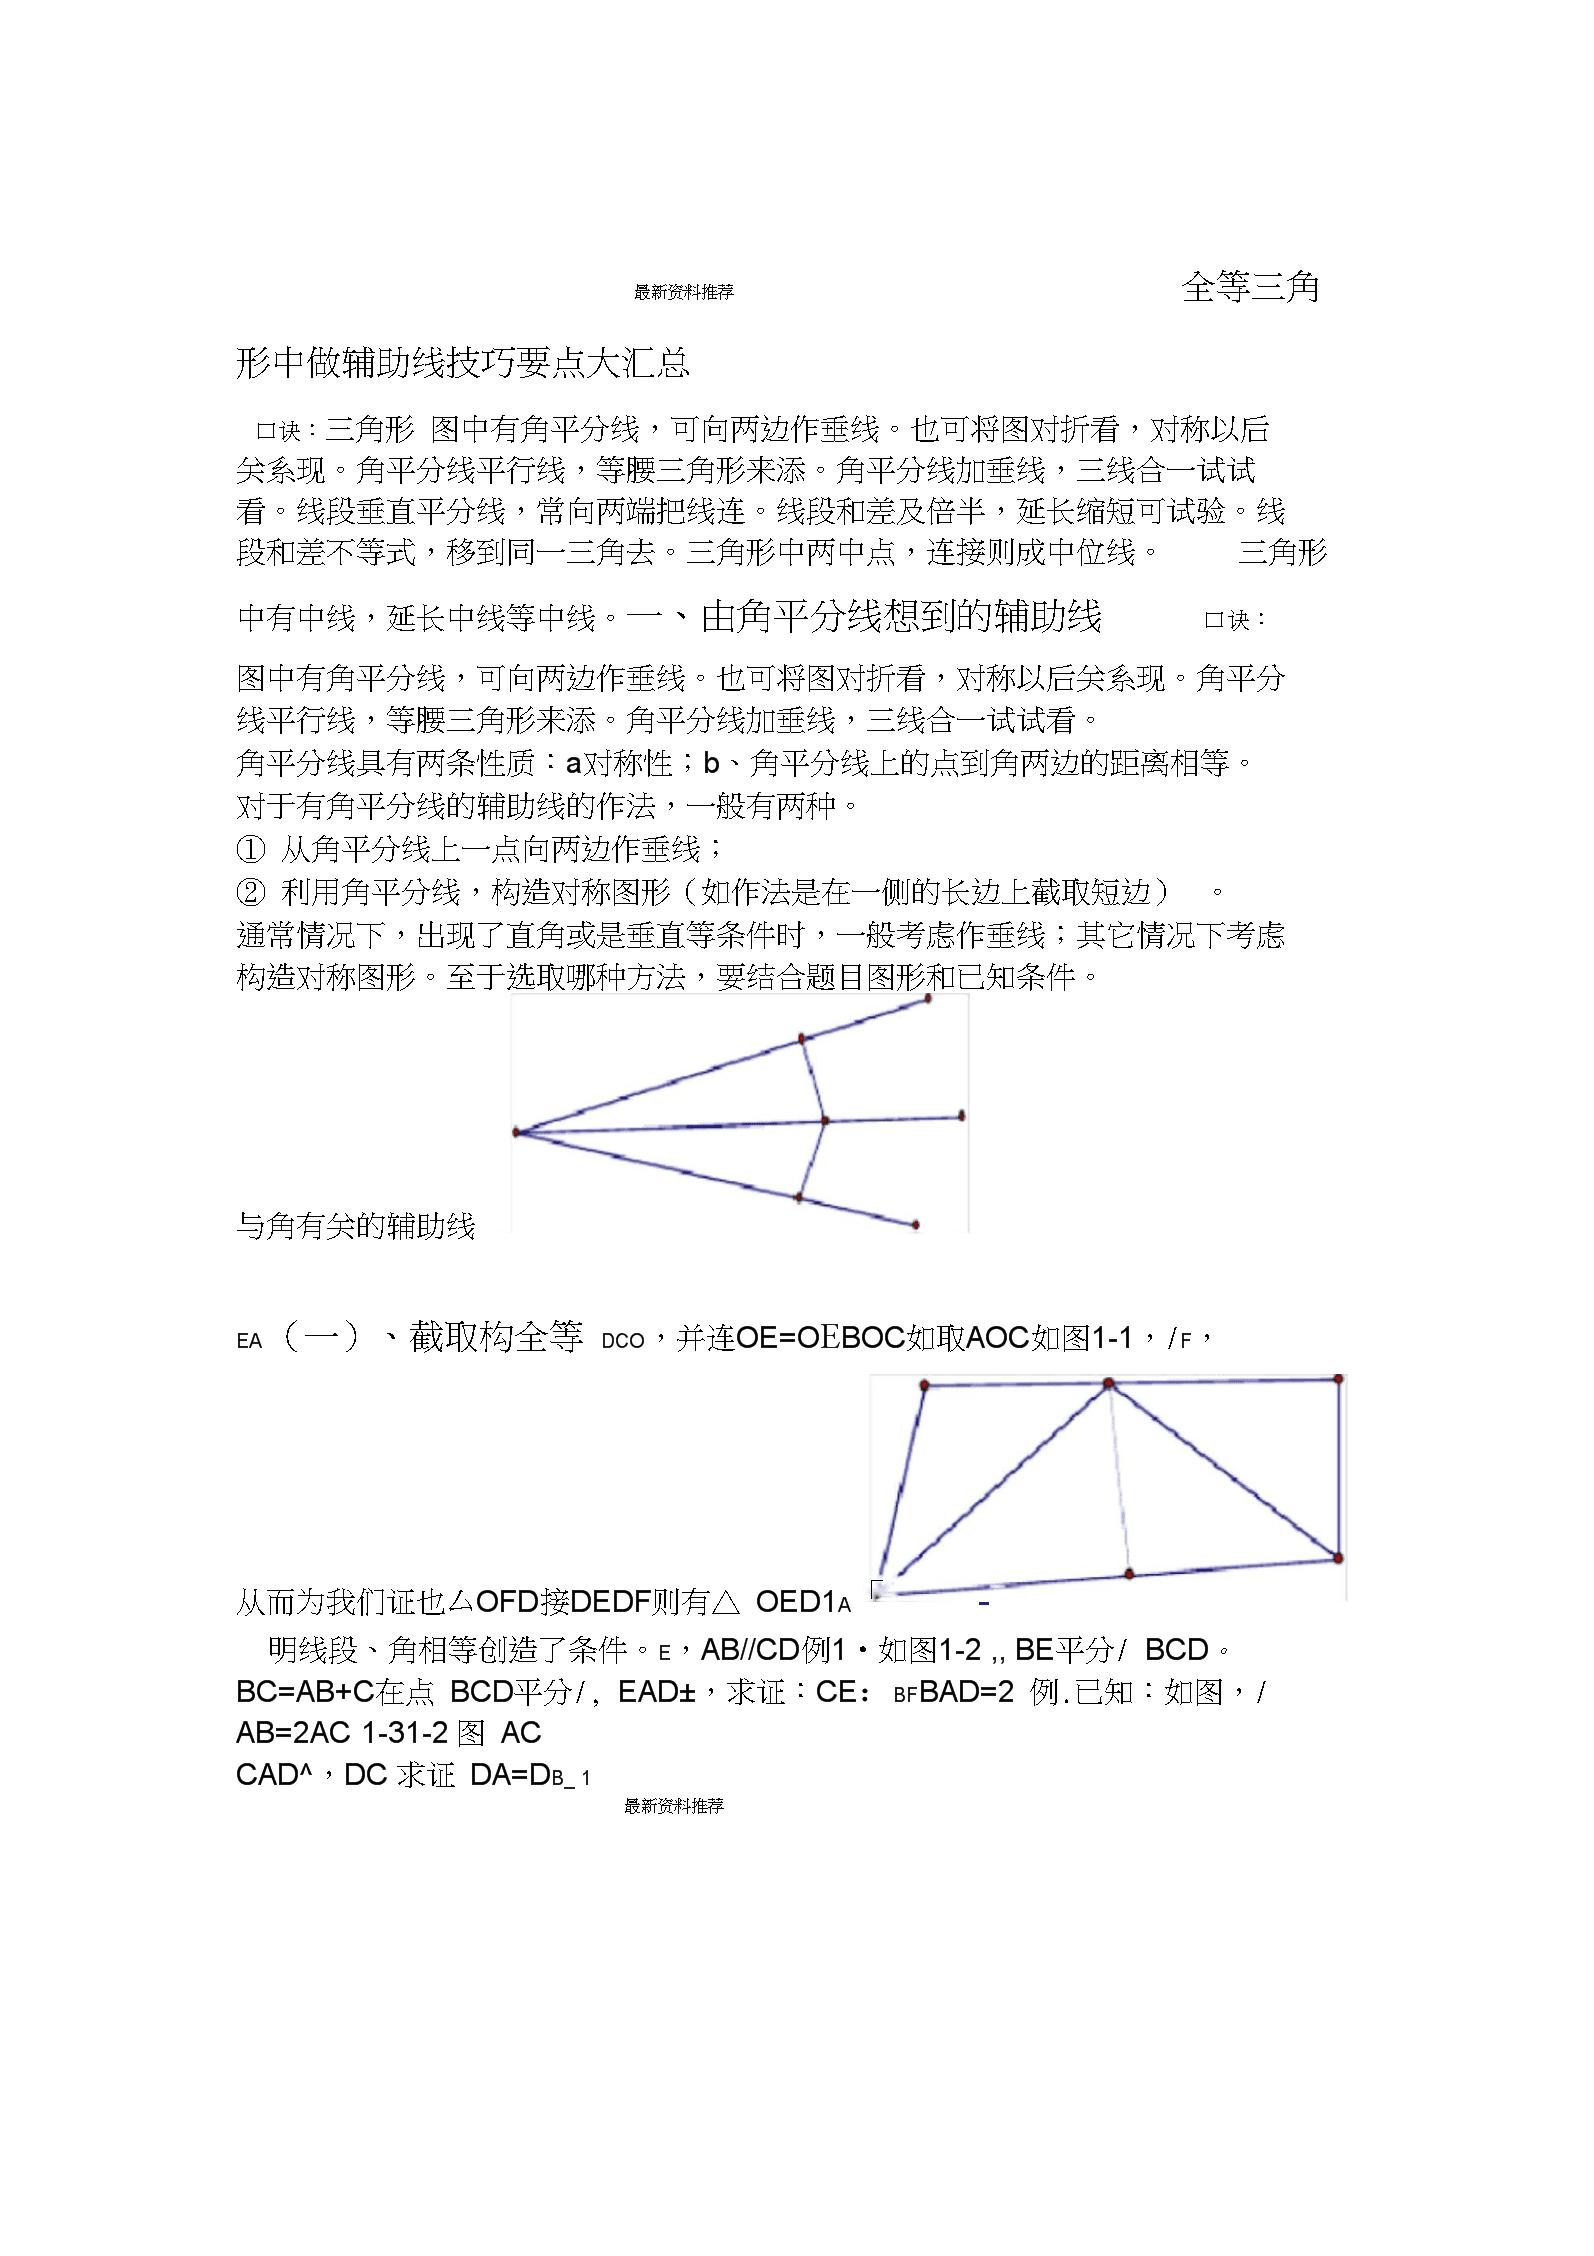 全等三角形中做辅助线总结精编版.docx